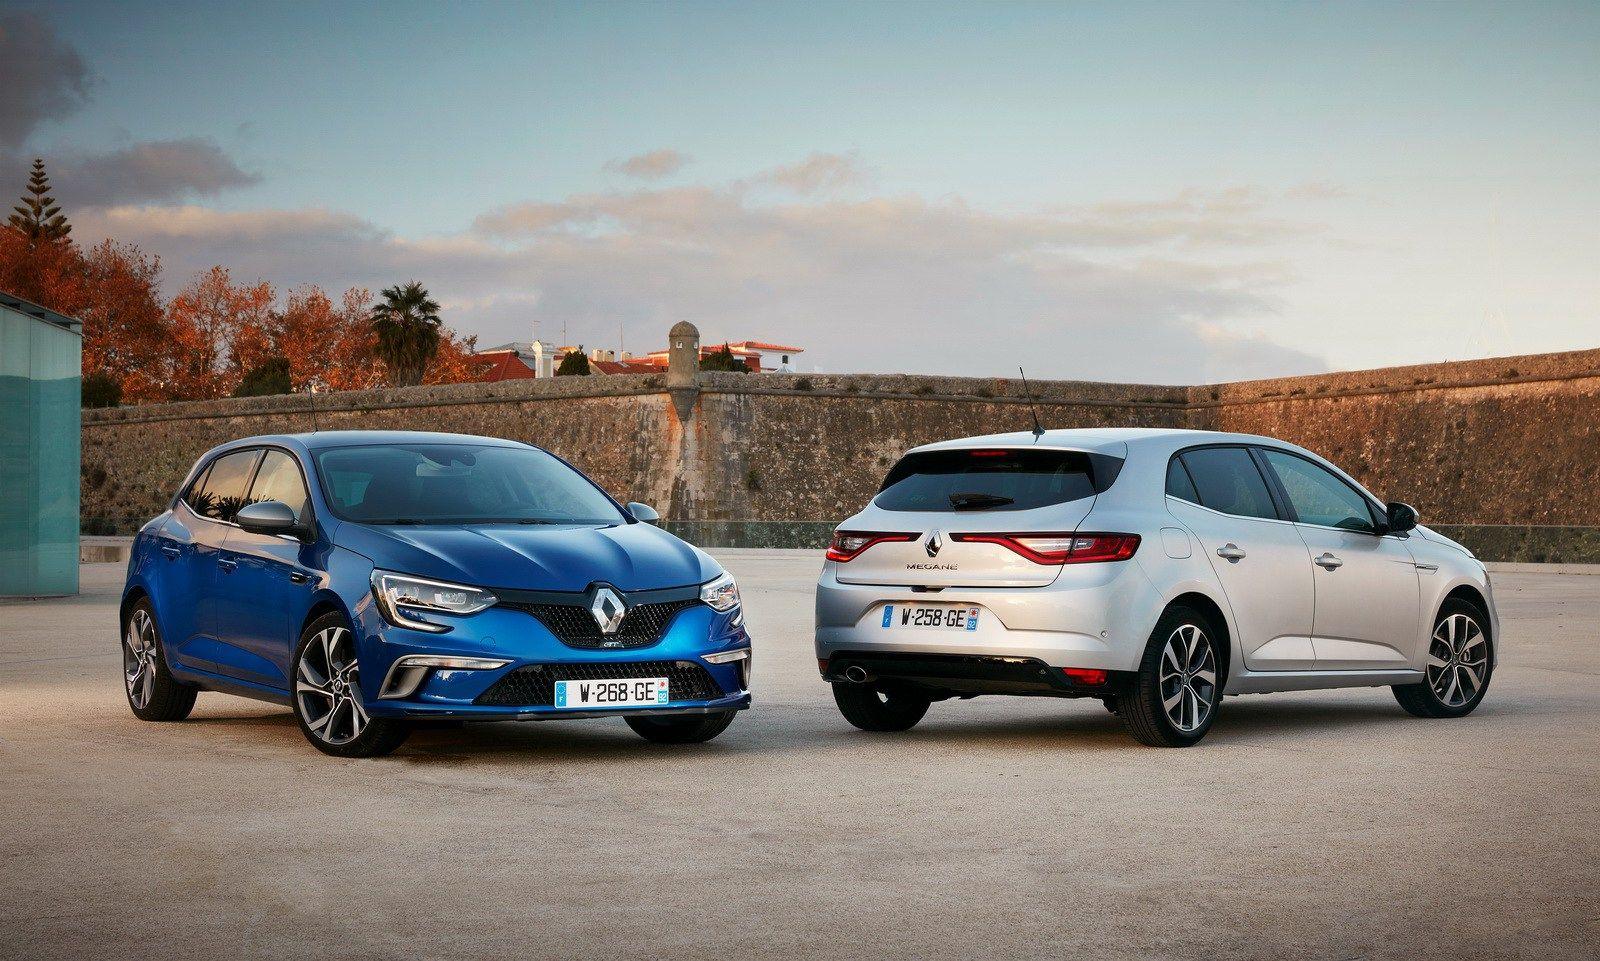 Novo Renault Mégane Galeria Em Portugal Galeria Portugal Nova